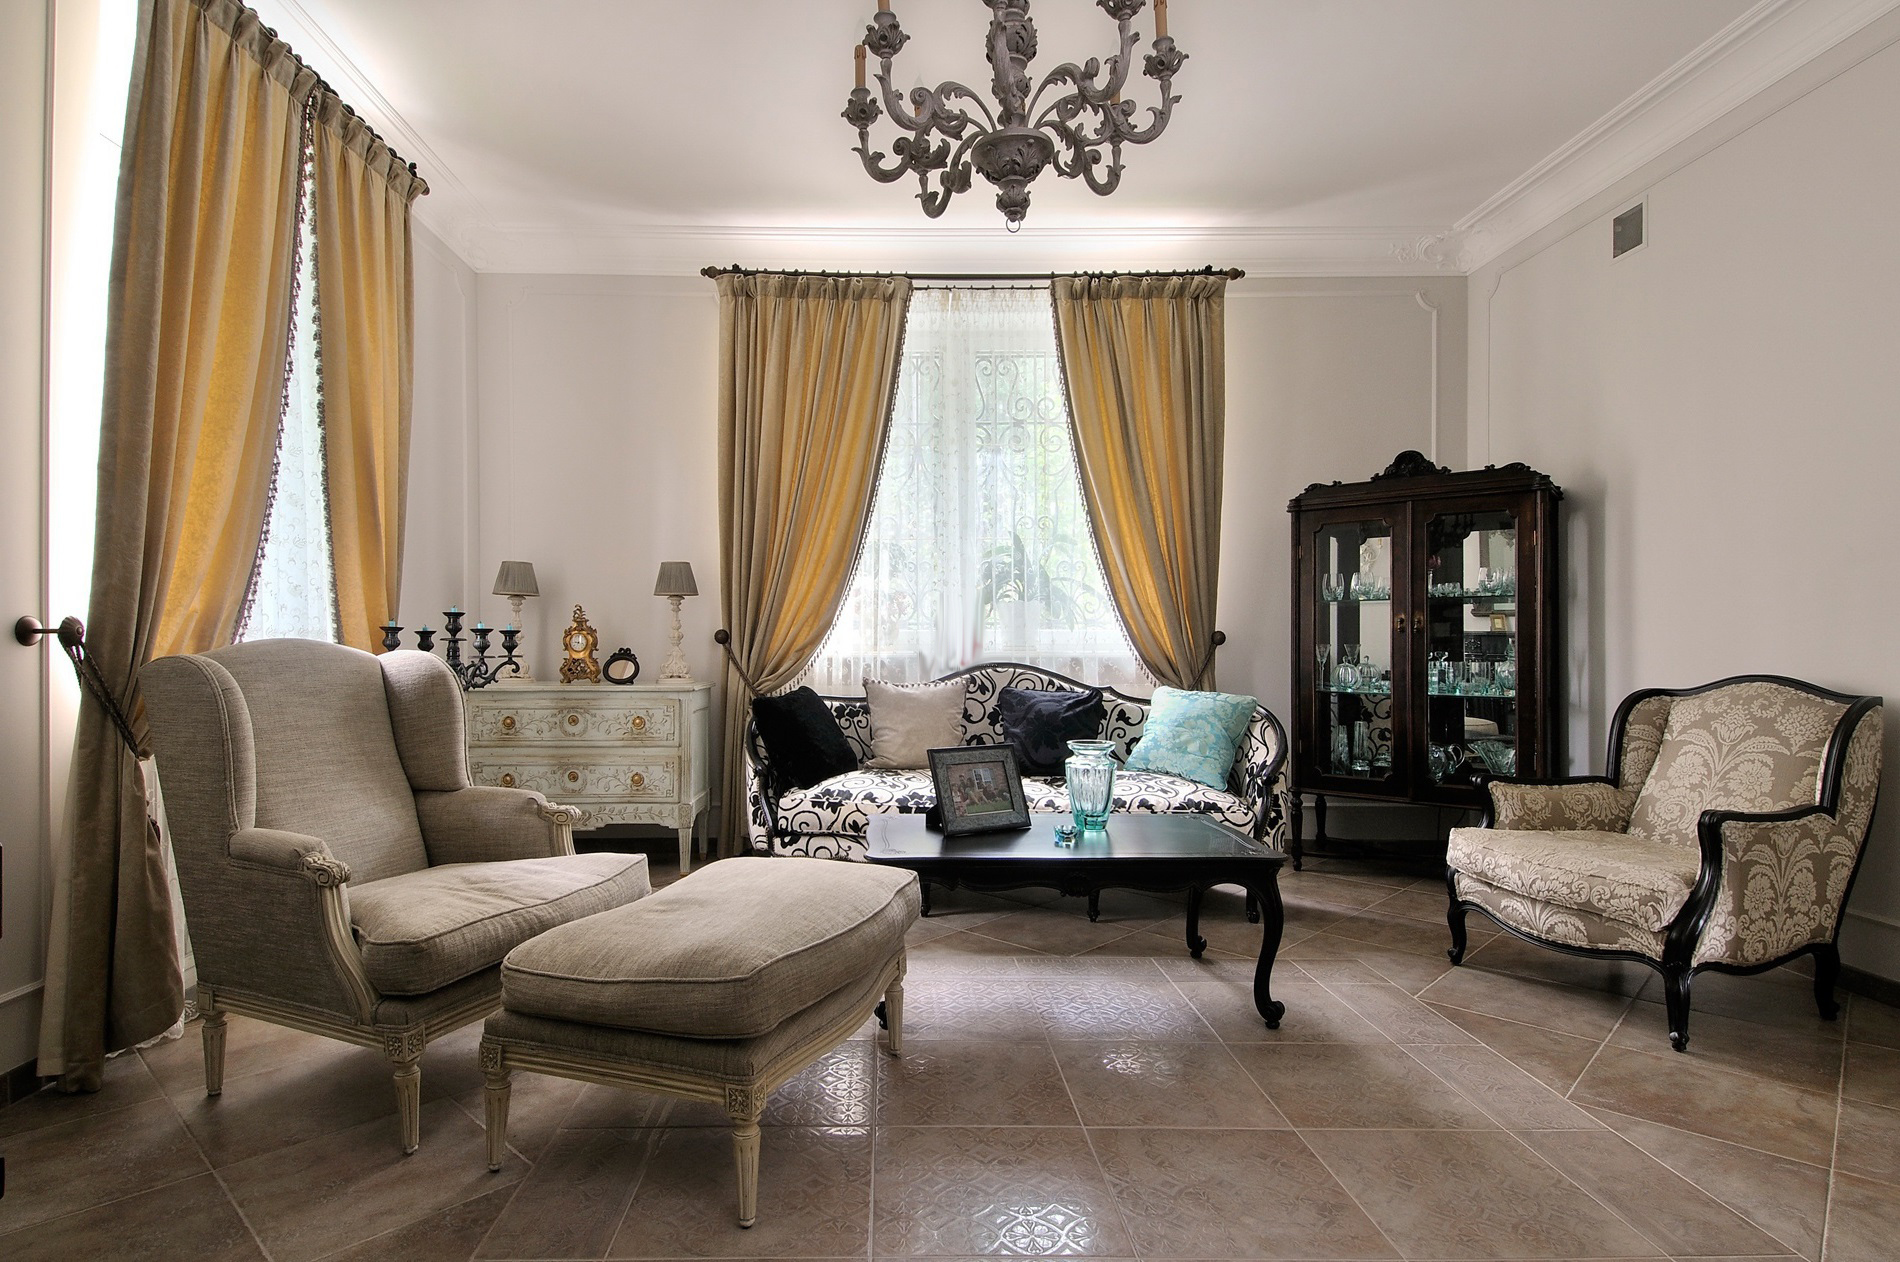 Бежево-коричневая гостиная во французском стиле